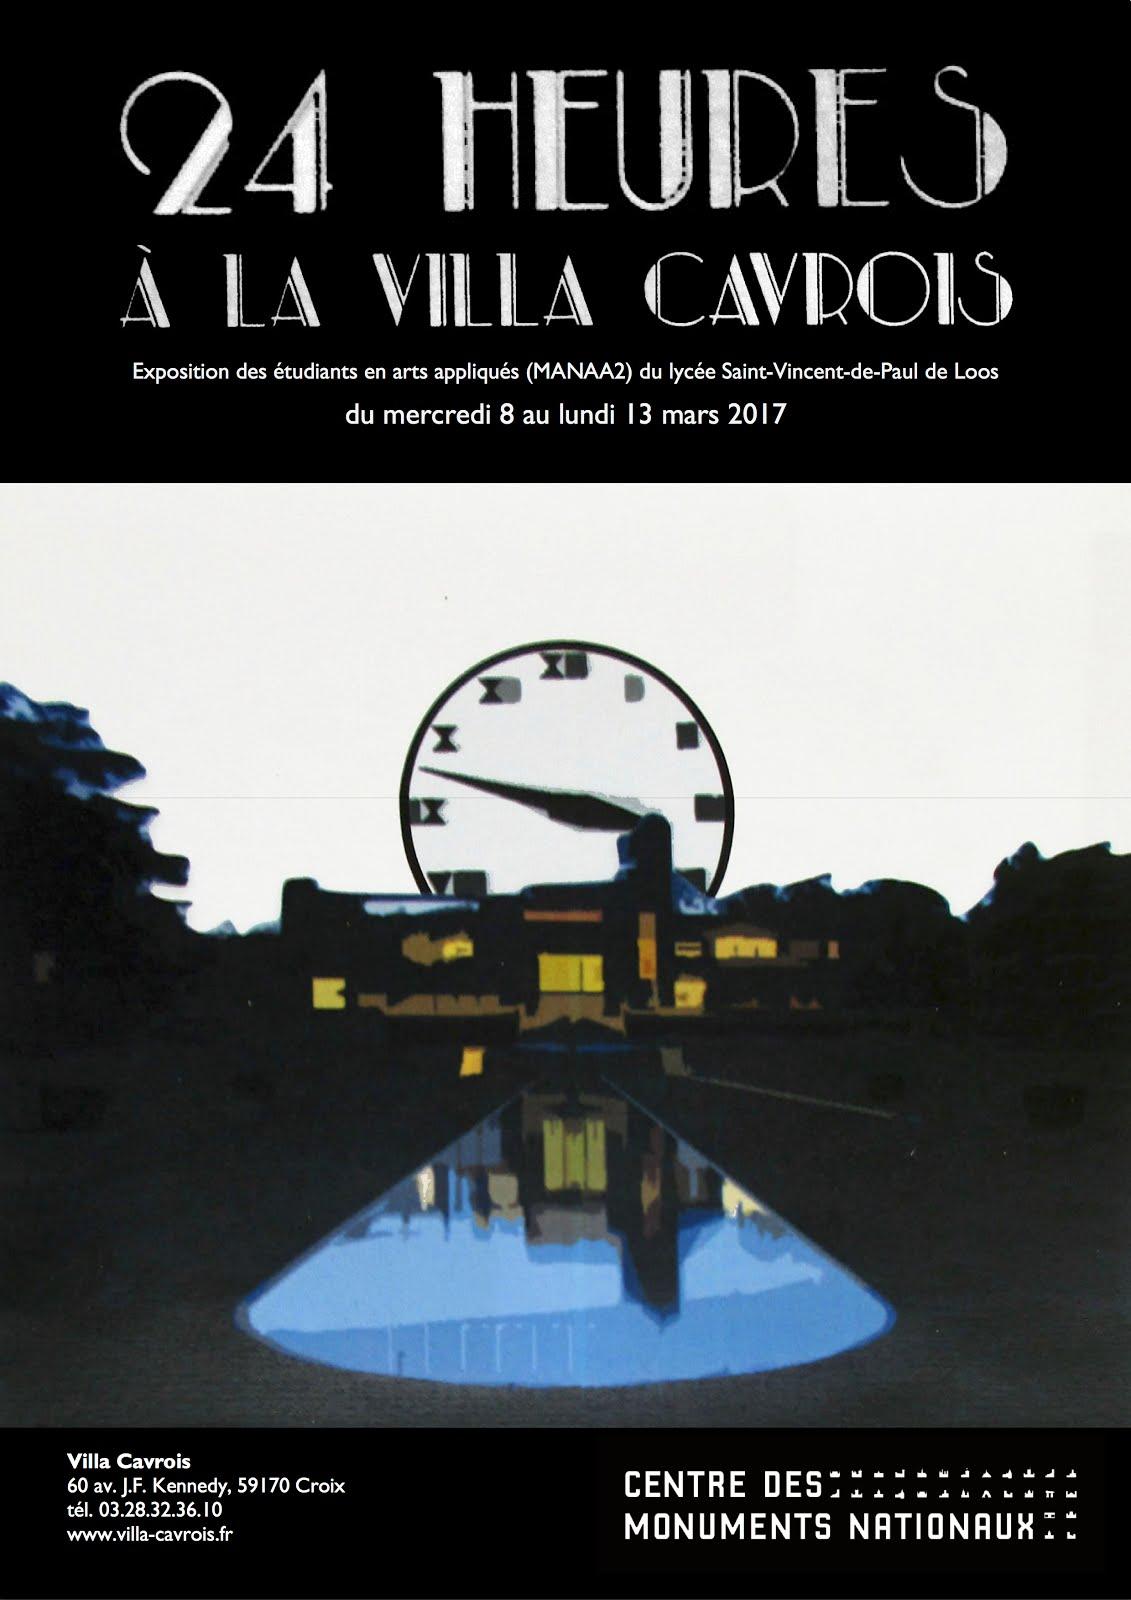 24 heures à la Villa Cavrois